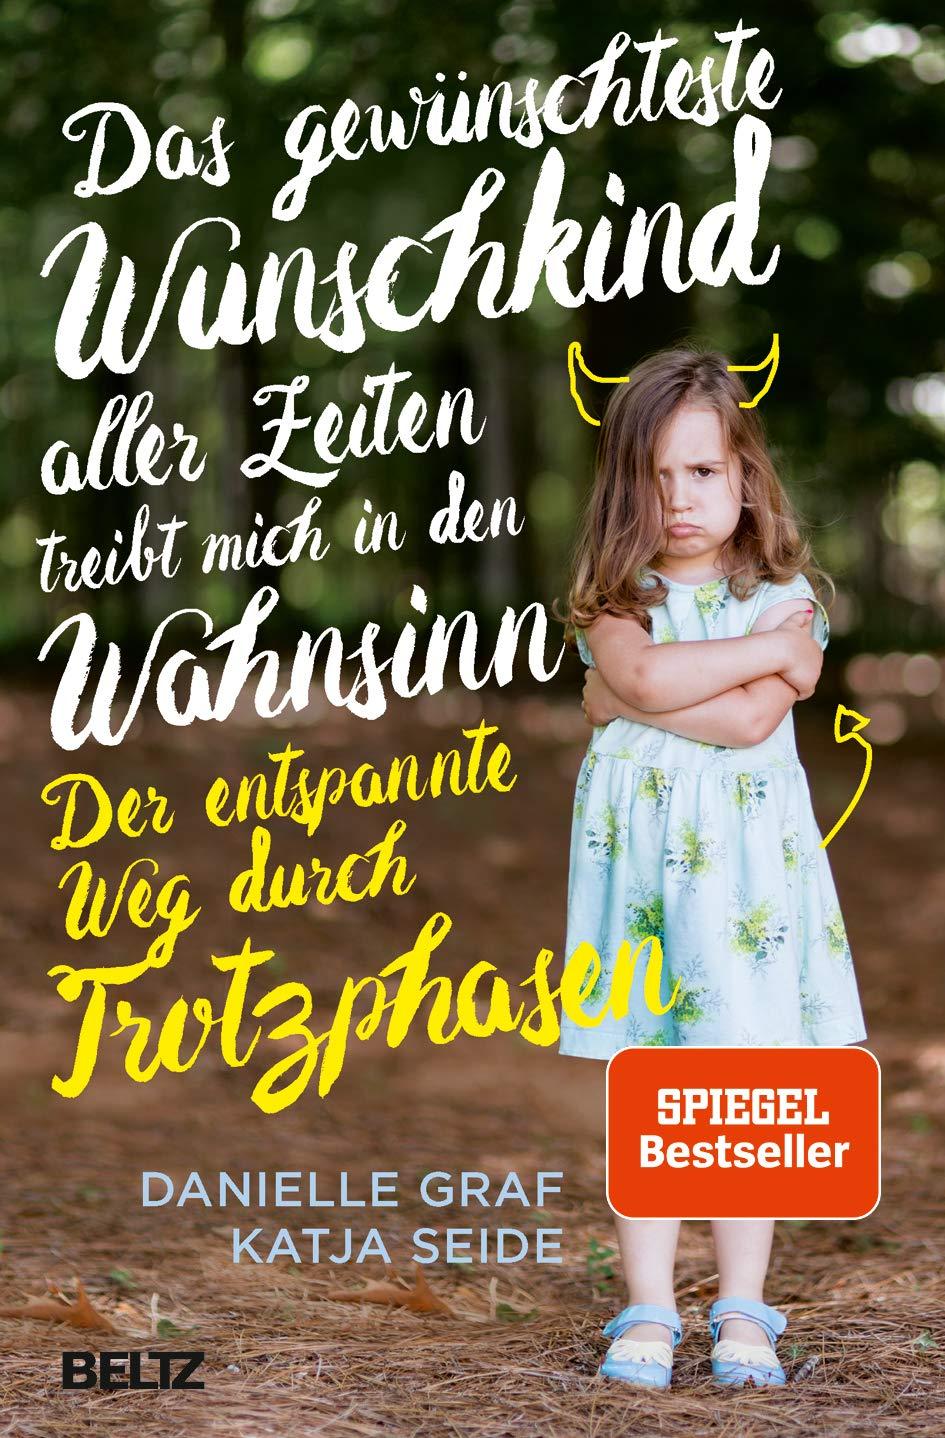 Buchempfehlung:  Das gewünschteste Wunschkind aller Zeiten treibt mich in den Wahnsinn: Der entspannte Weg durch Trotzphasen von Danielle Graf und Katja Seide